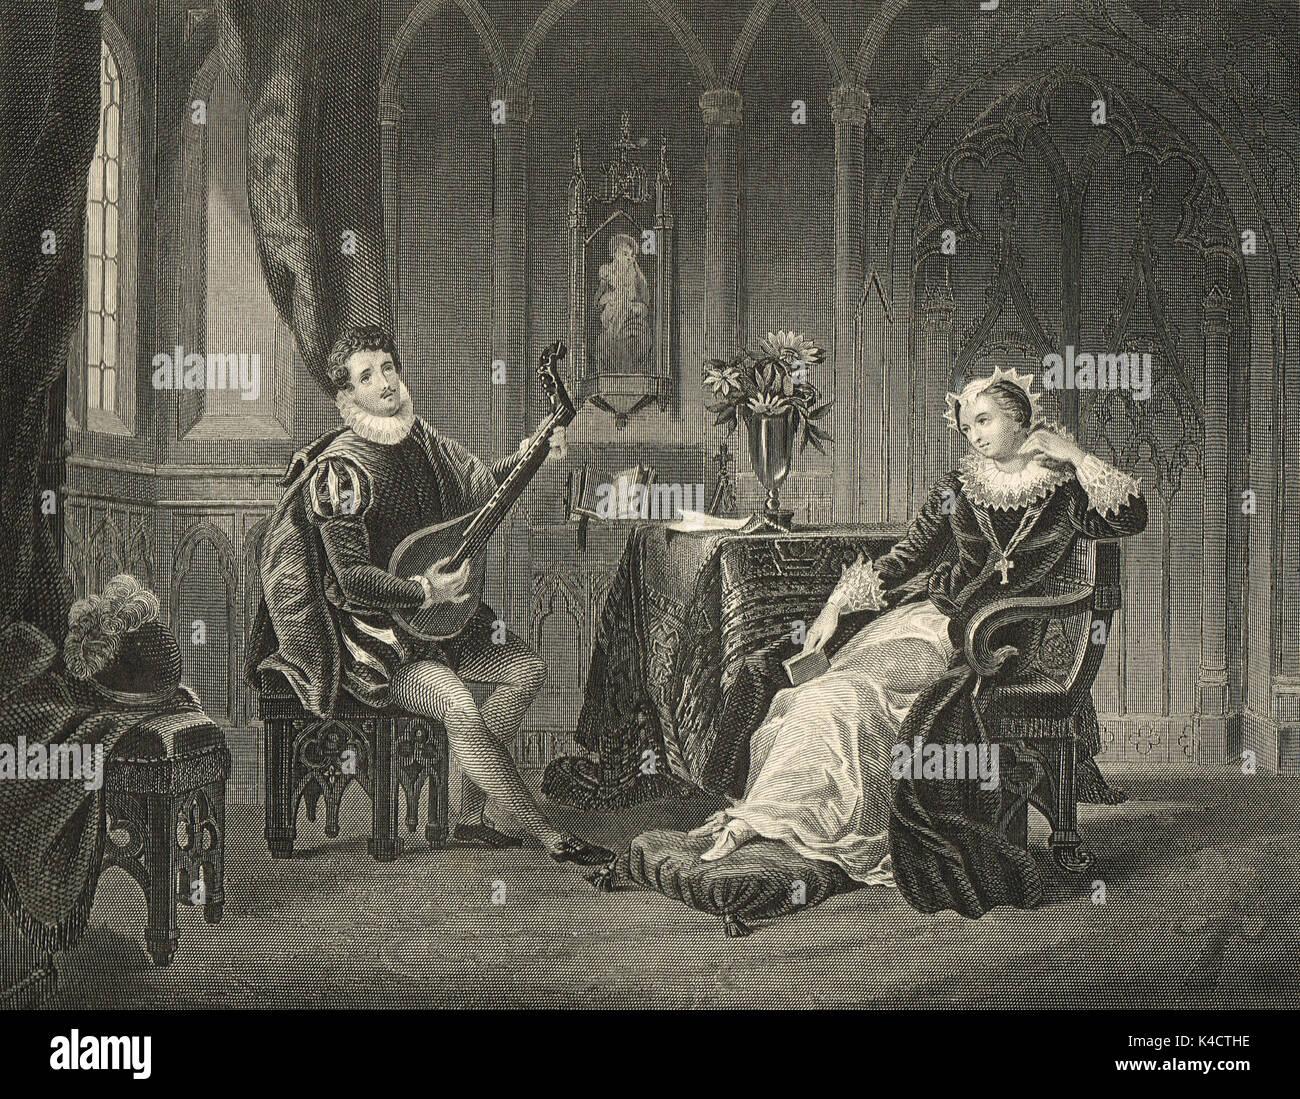 María, Reina de los escoceses y su secretario chatelar Imagen De Stock